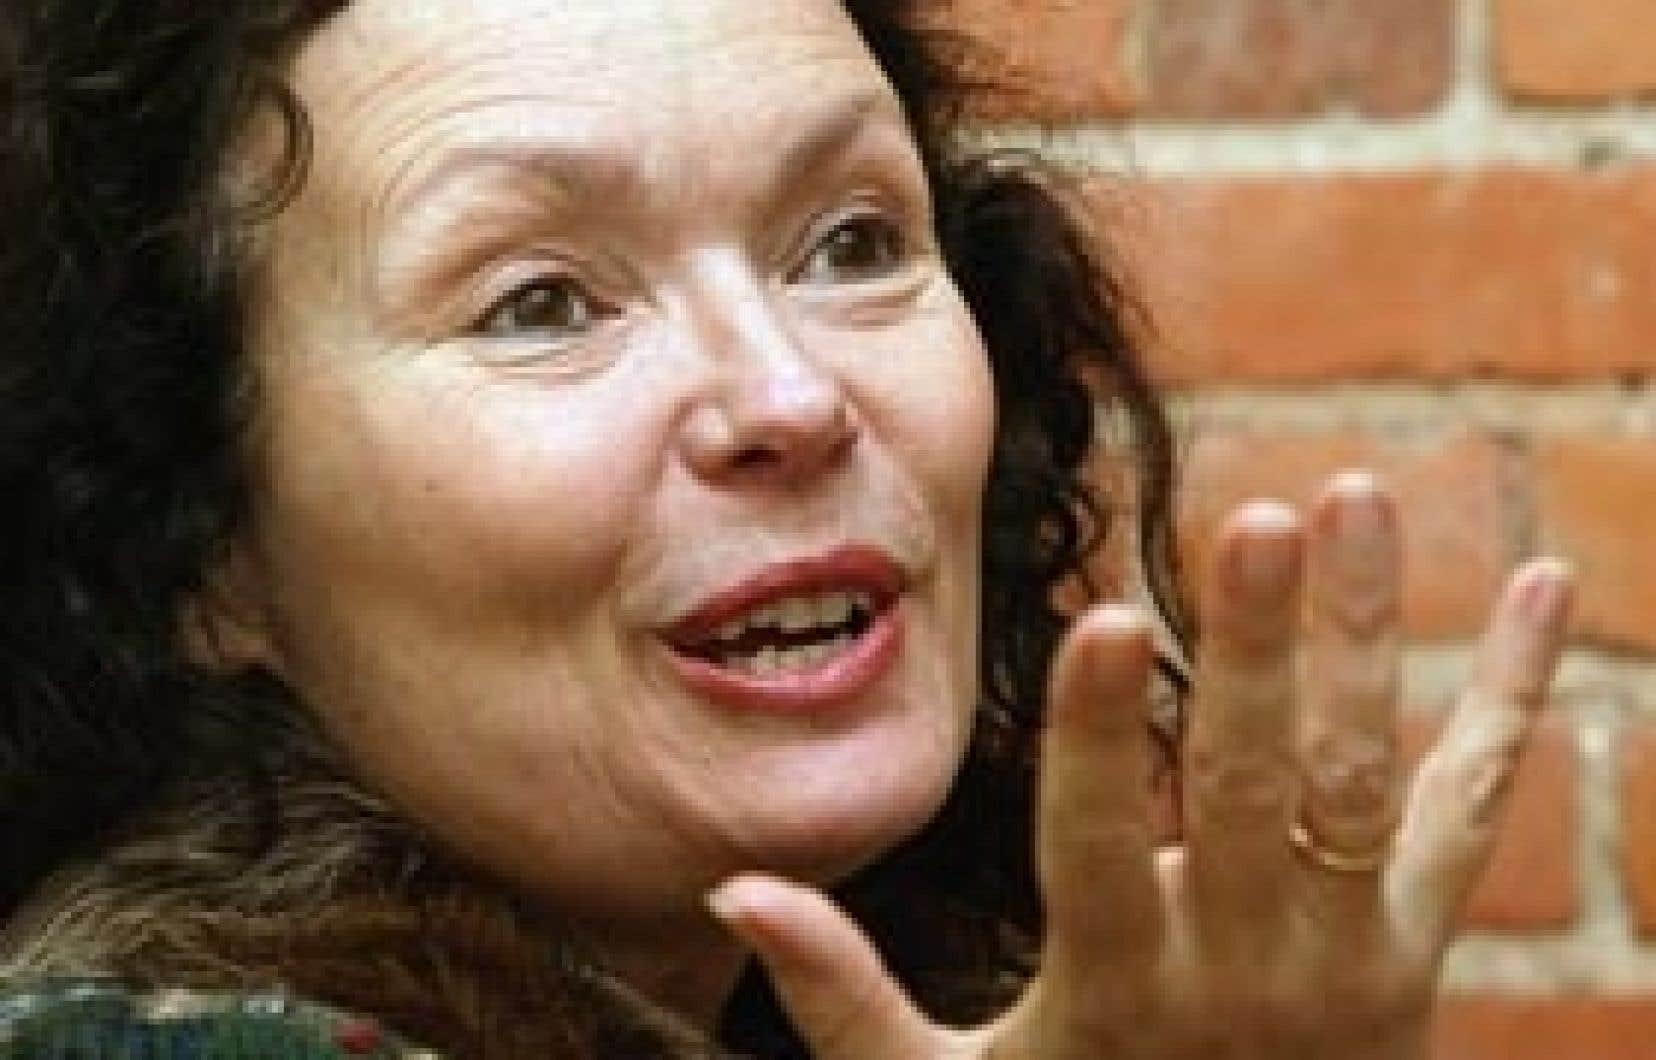 La cinéaste Manon Barbeau est fière de l'expansion que prend ce projet, aux tentacules désormais internationaux.